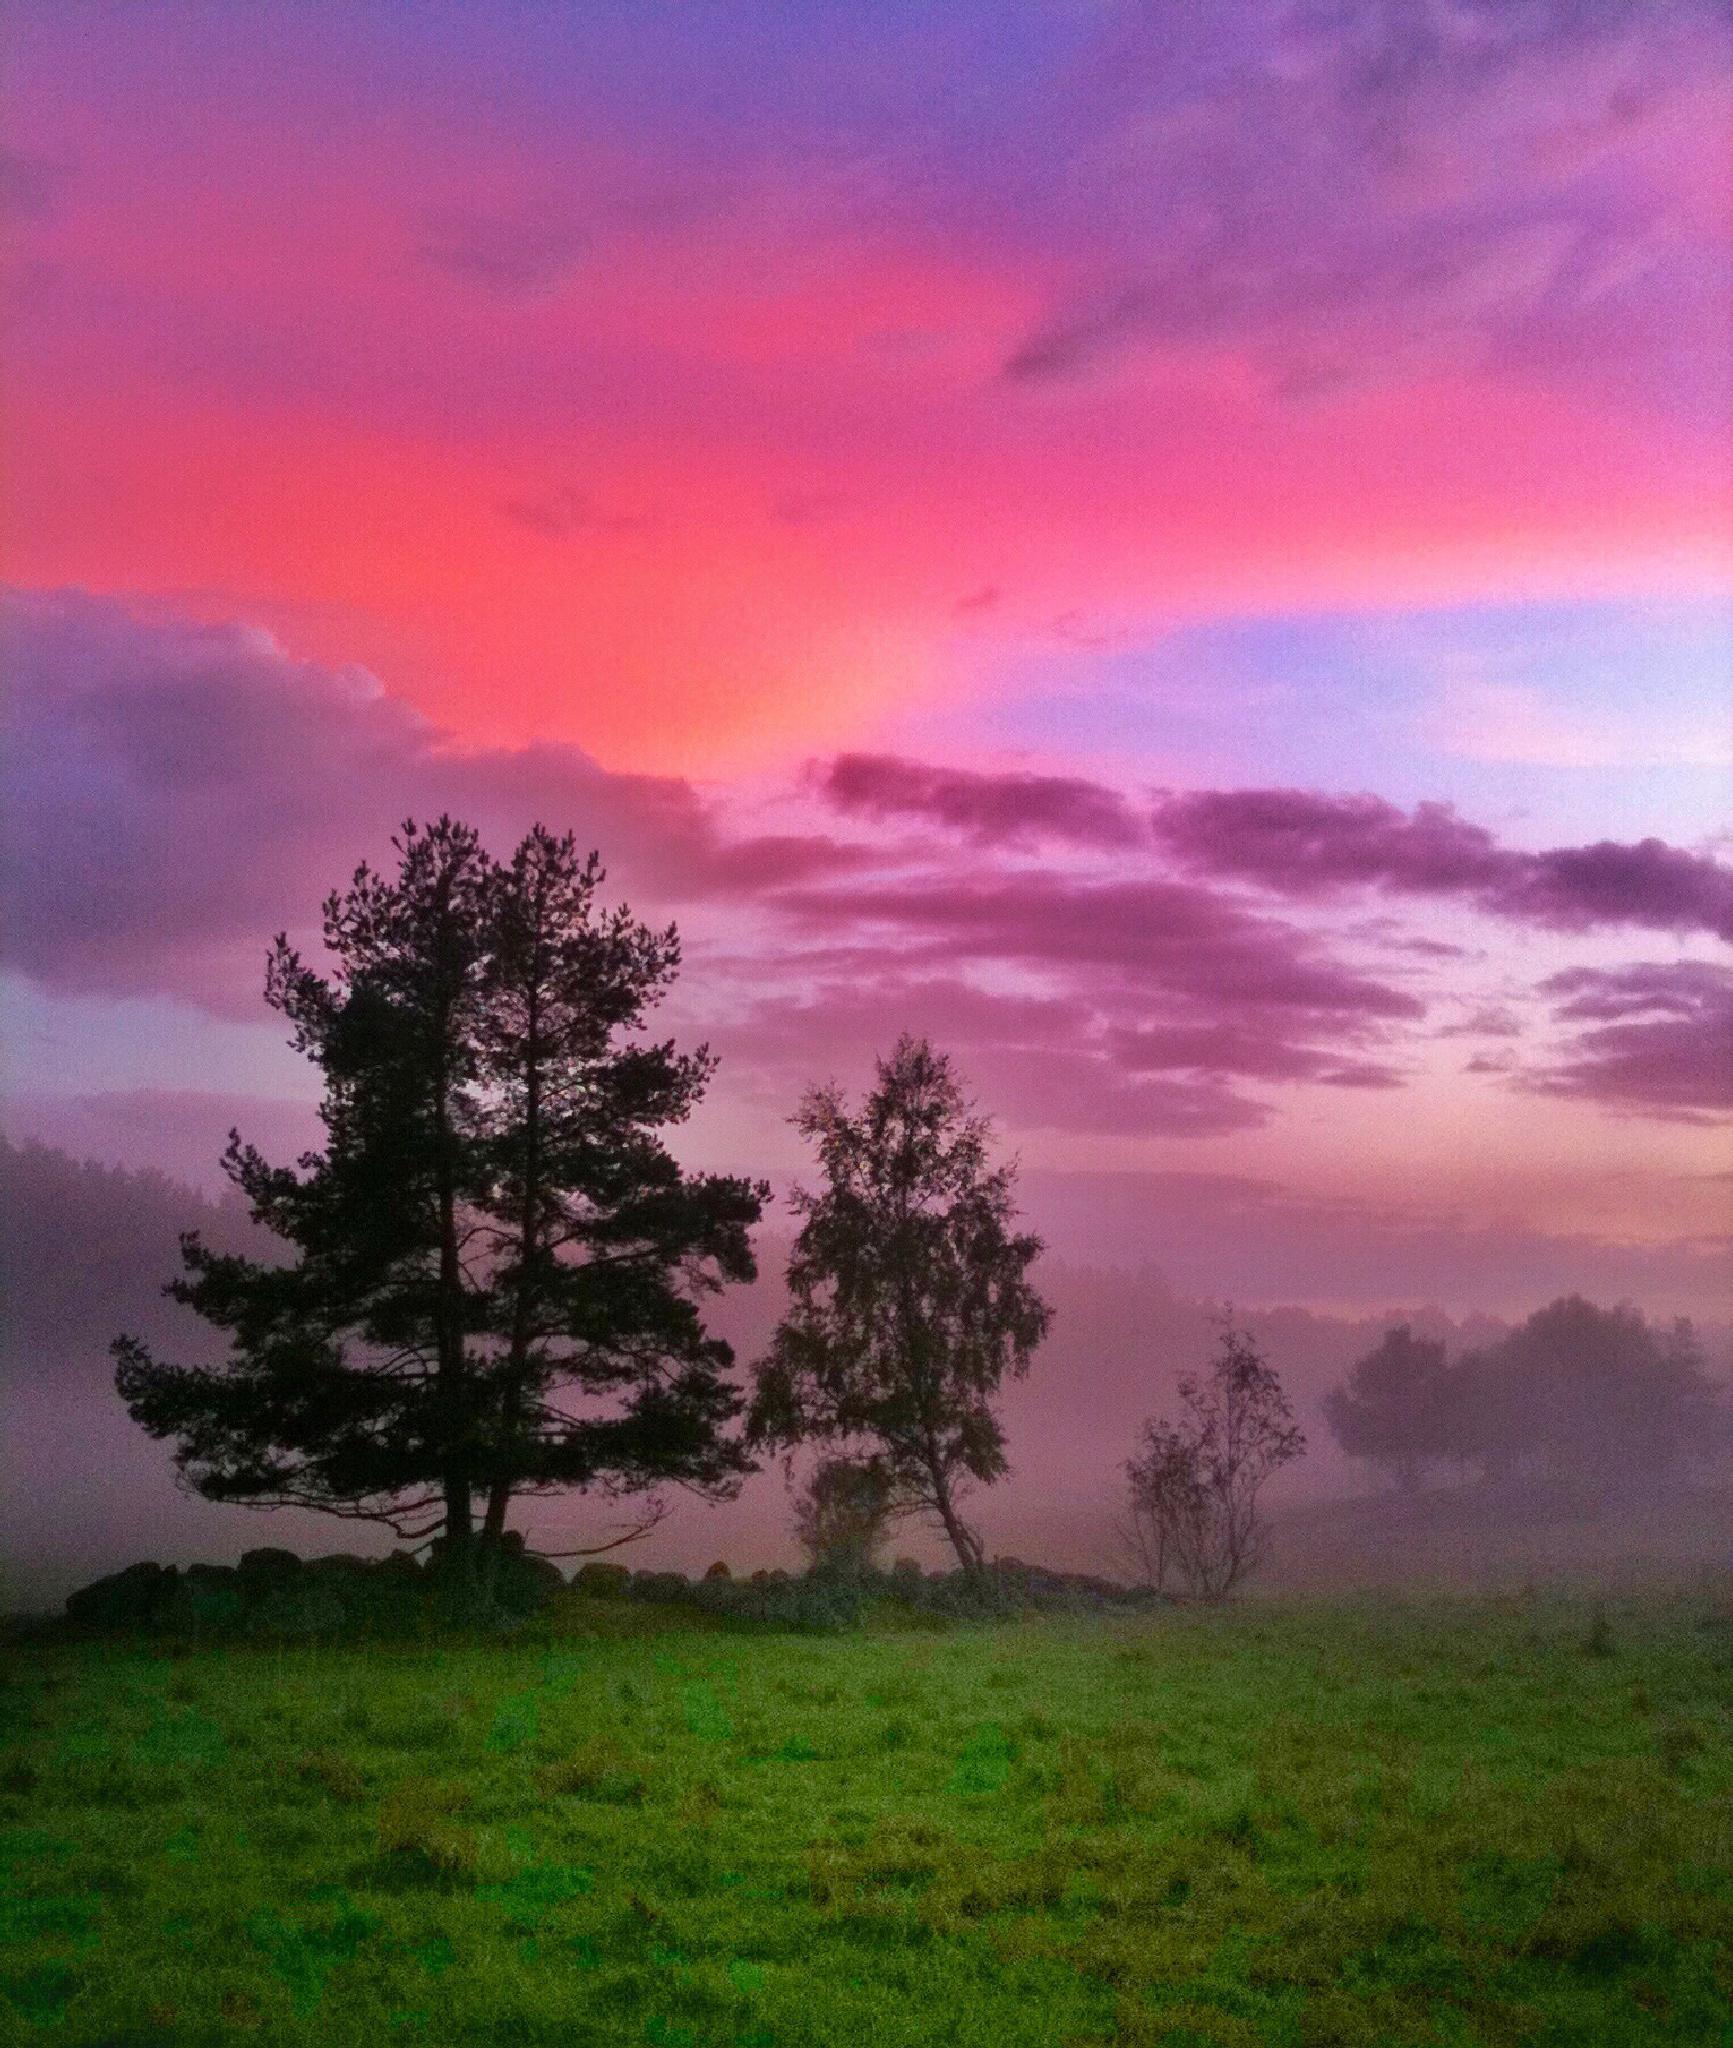 Misty morning by Stefan Schnöpf